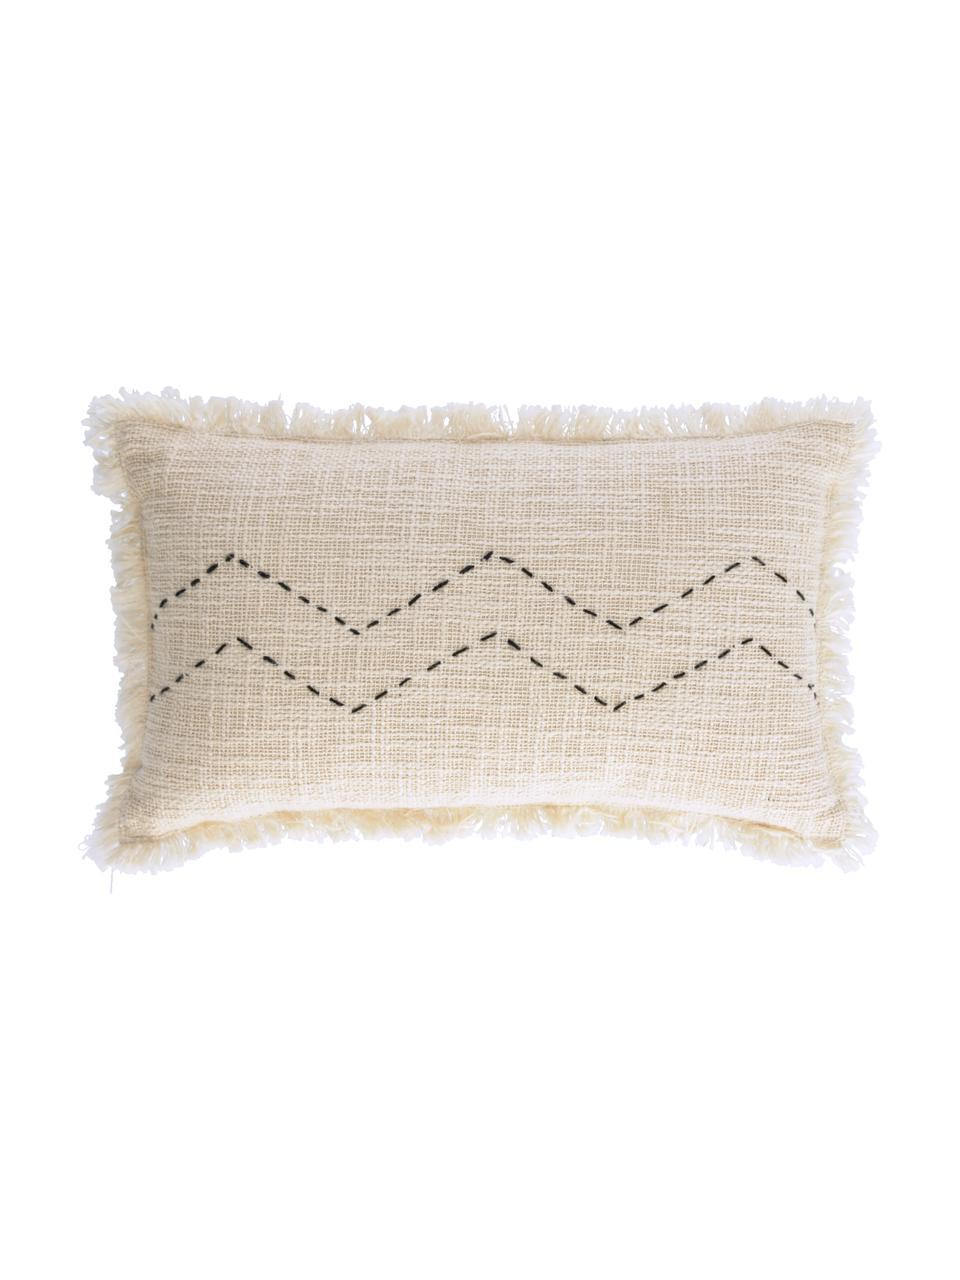 Boho Kissenhülle Seila mit Strukturoberfläche und Fransen, 100% Baumwolle, Beige, 30 x 50 cm